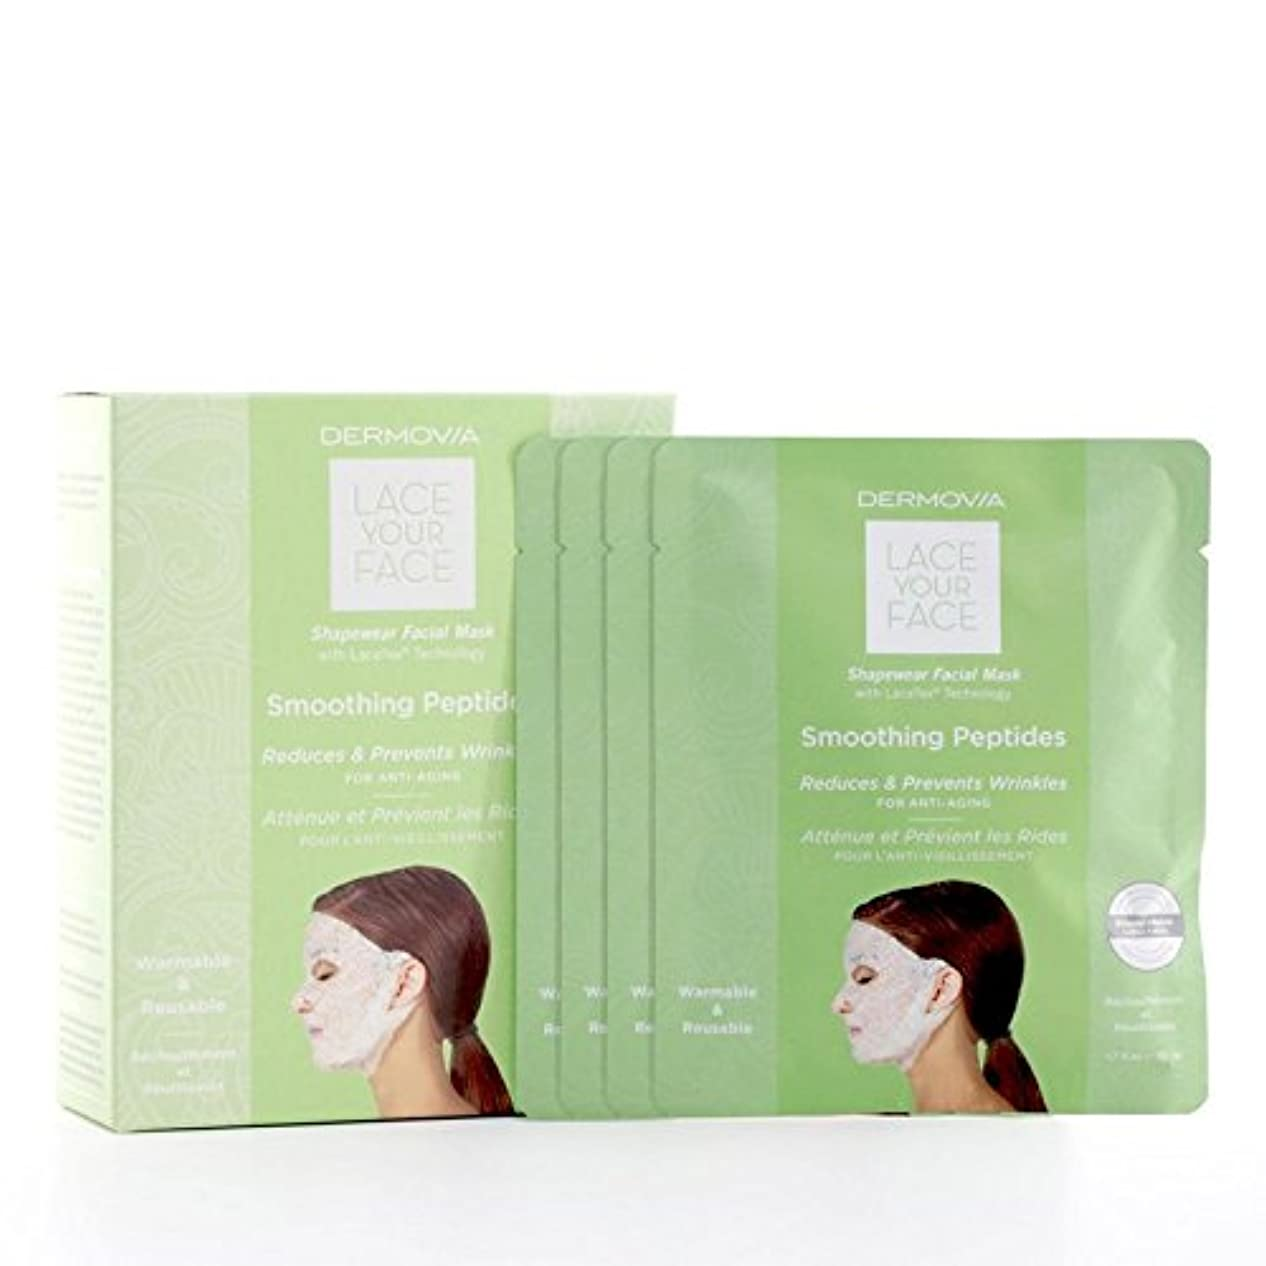 建物自分排除するDermovia Lace Your Face Compression Facial Mask Smoothing Peptides (Pack of 6) - は、あなたの顔の圧縮フェイシャルマスク平滑化ペプチドをひもで...